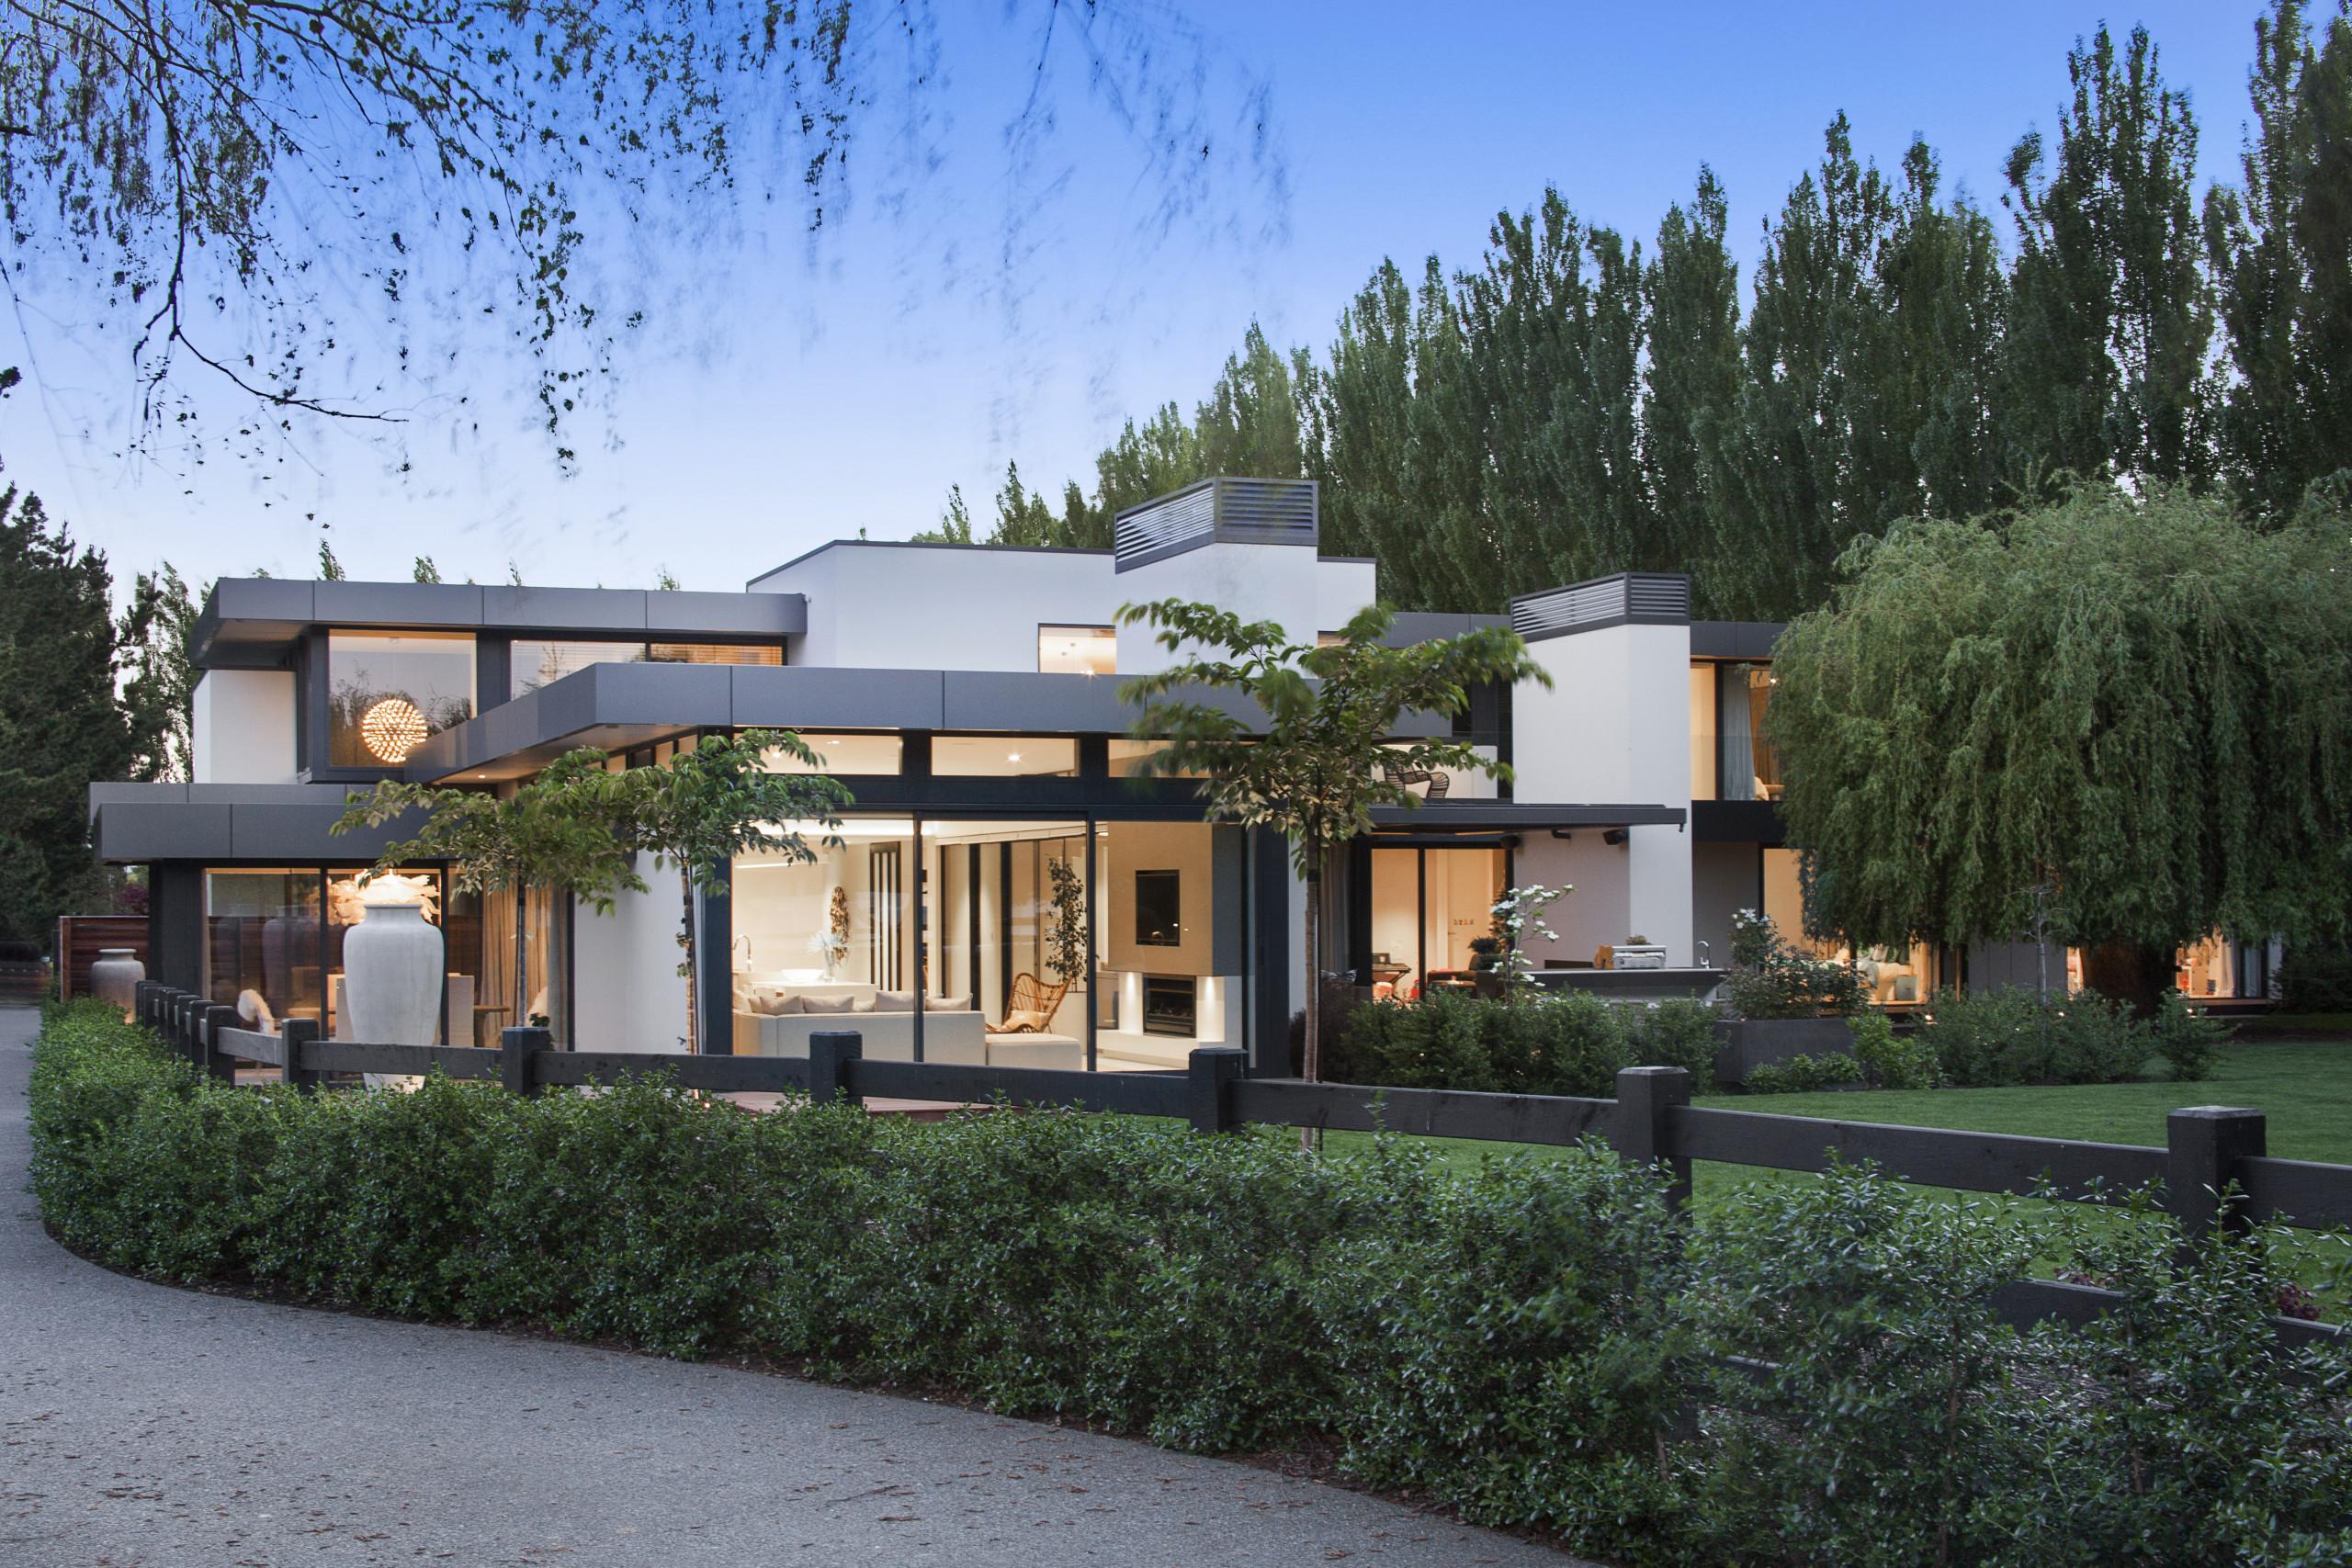 建造前,屋主并不想破坏周围的绿植,于是在设计上这栋别墅是依这些树木而建的。 architecture, cottage, elevation, estate, facade, home, house, mixed use, property, real estate, residential area, villa, black